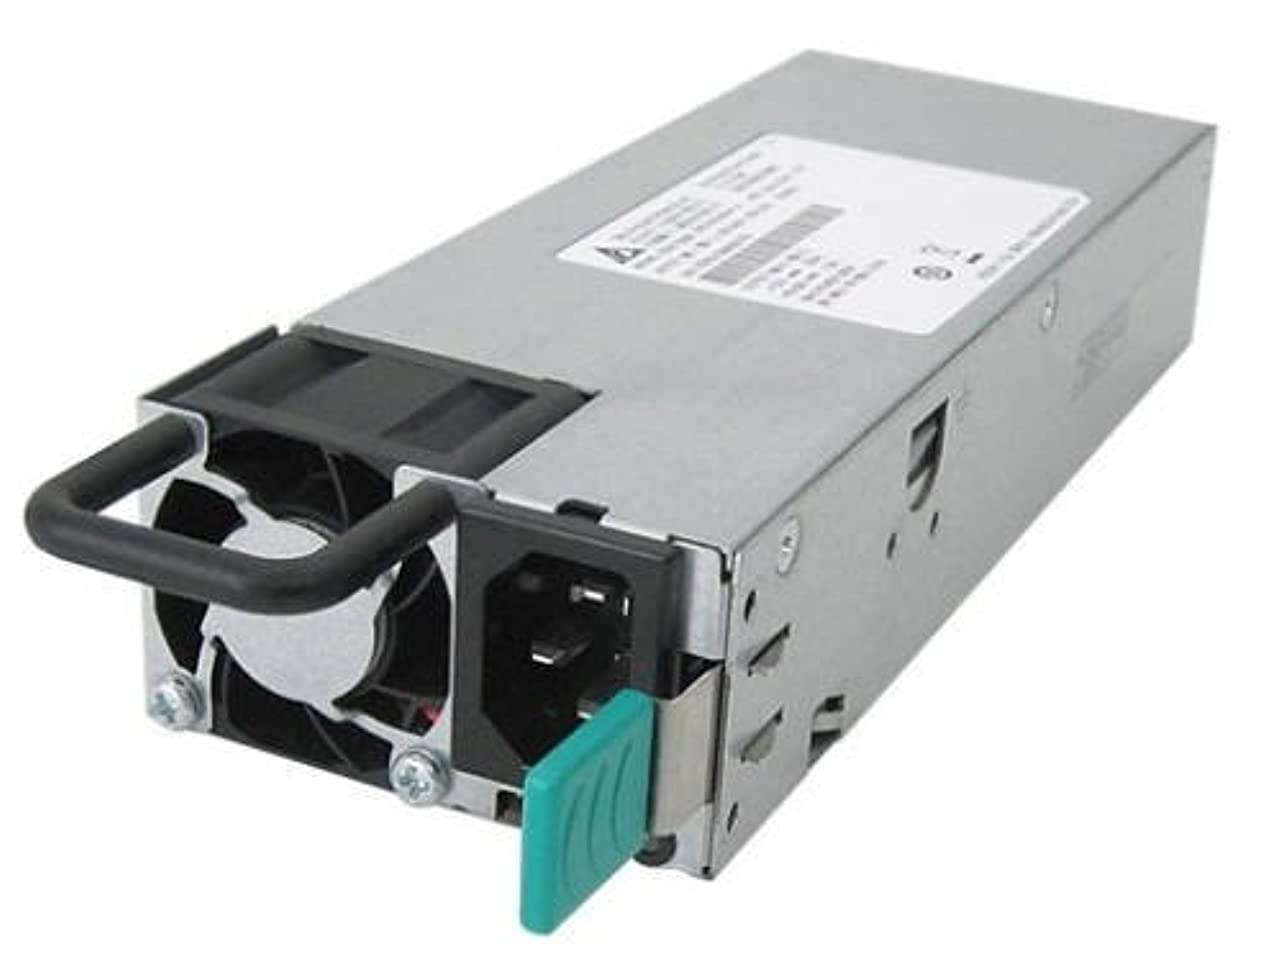 アヒル重々しい刺すQnap 250W Single Power Supply Unit for 1U 4-Bay Rackmount NAS/NVR SP-469U-S-PSU [並行輸入品]